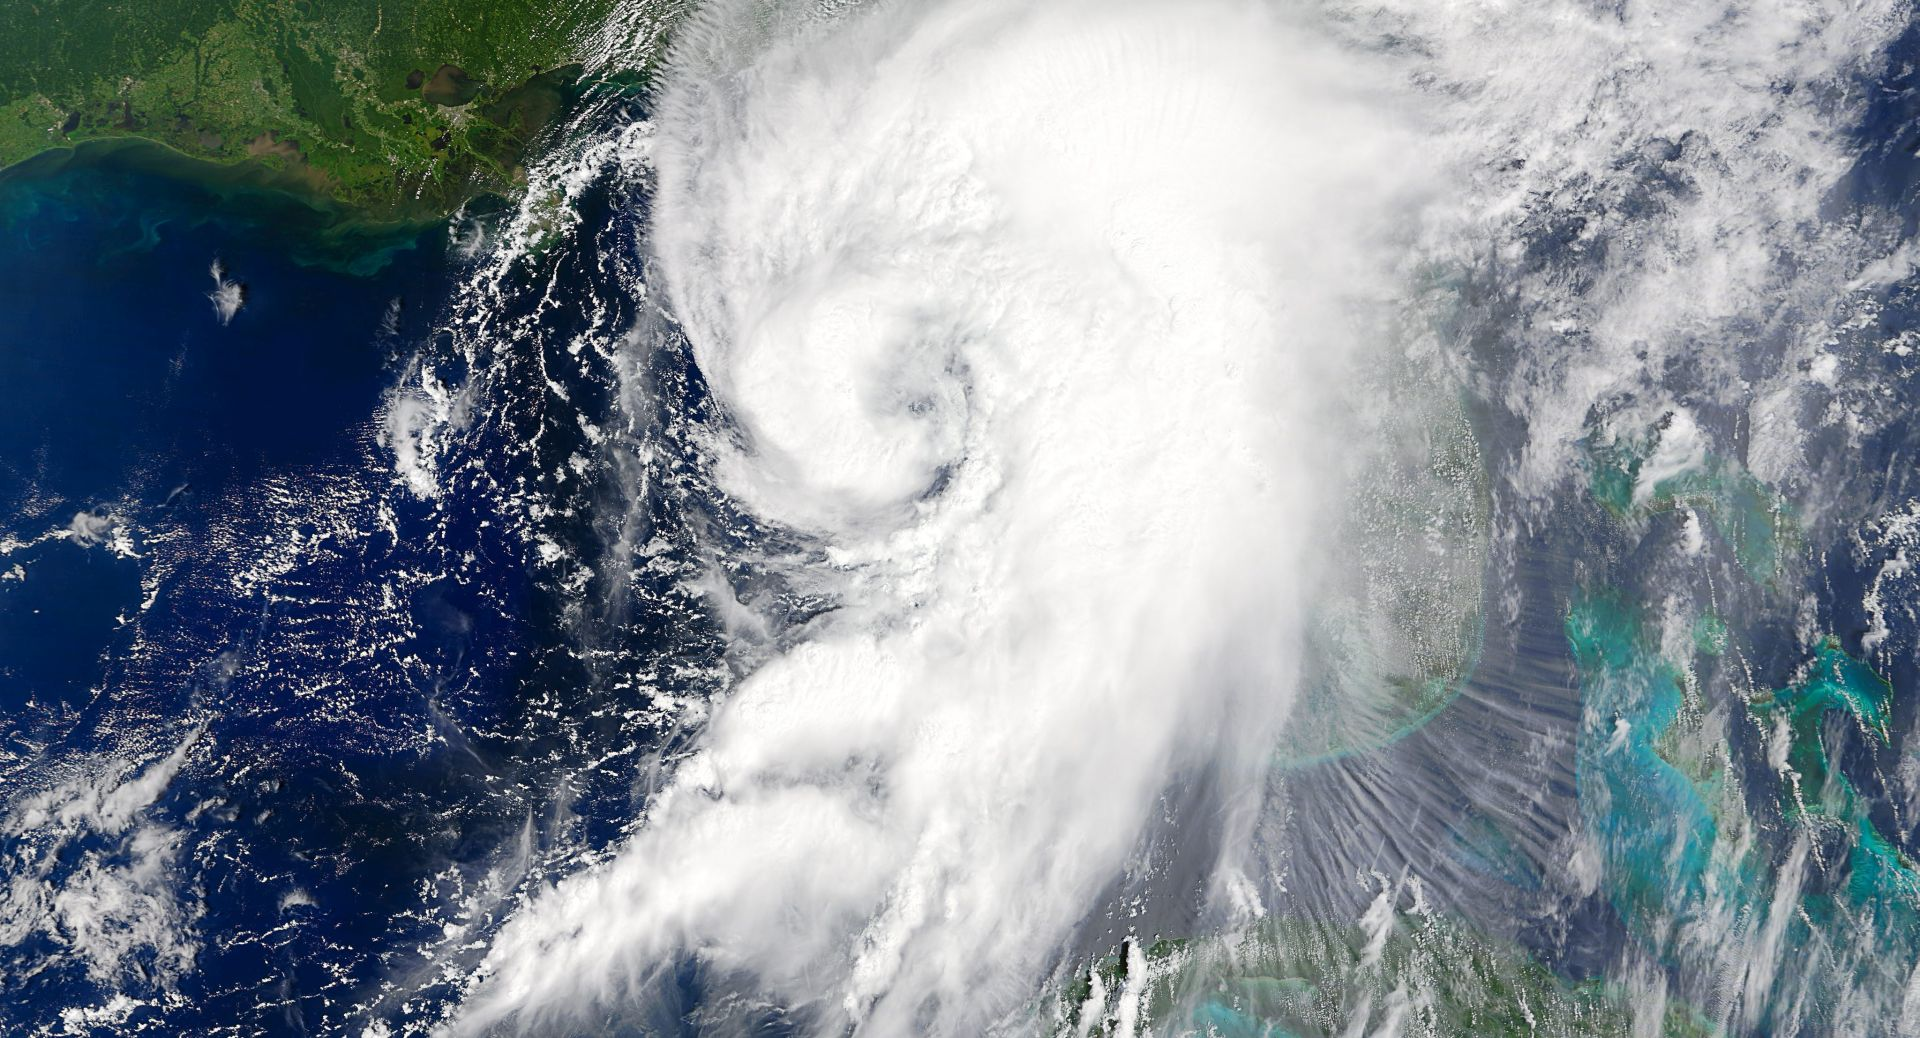 Uragan Chaba poharao Južnu Koreju, najmanje petero mrtvih